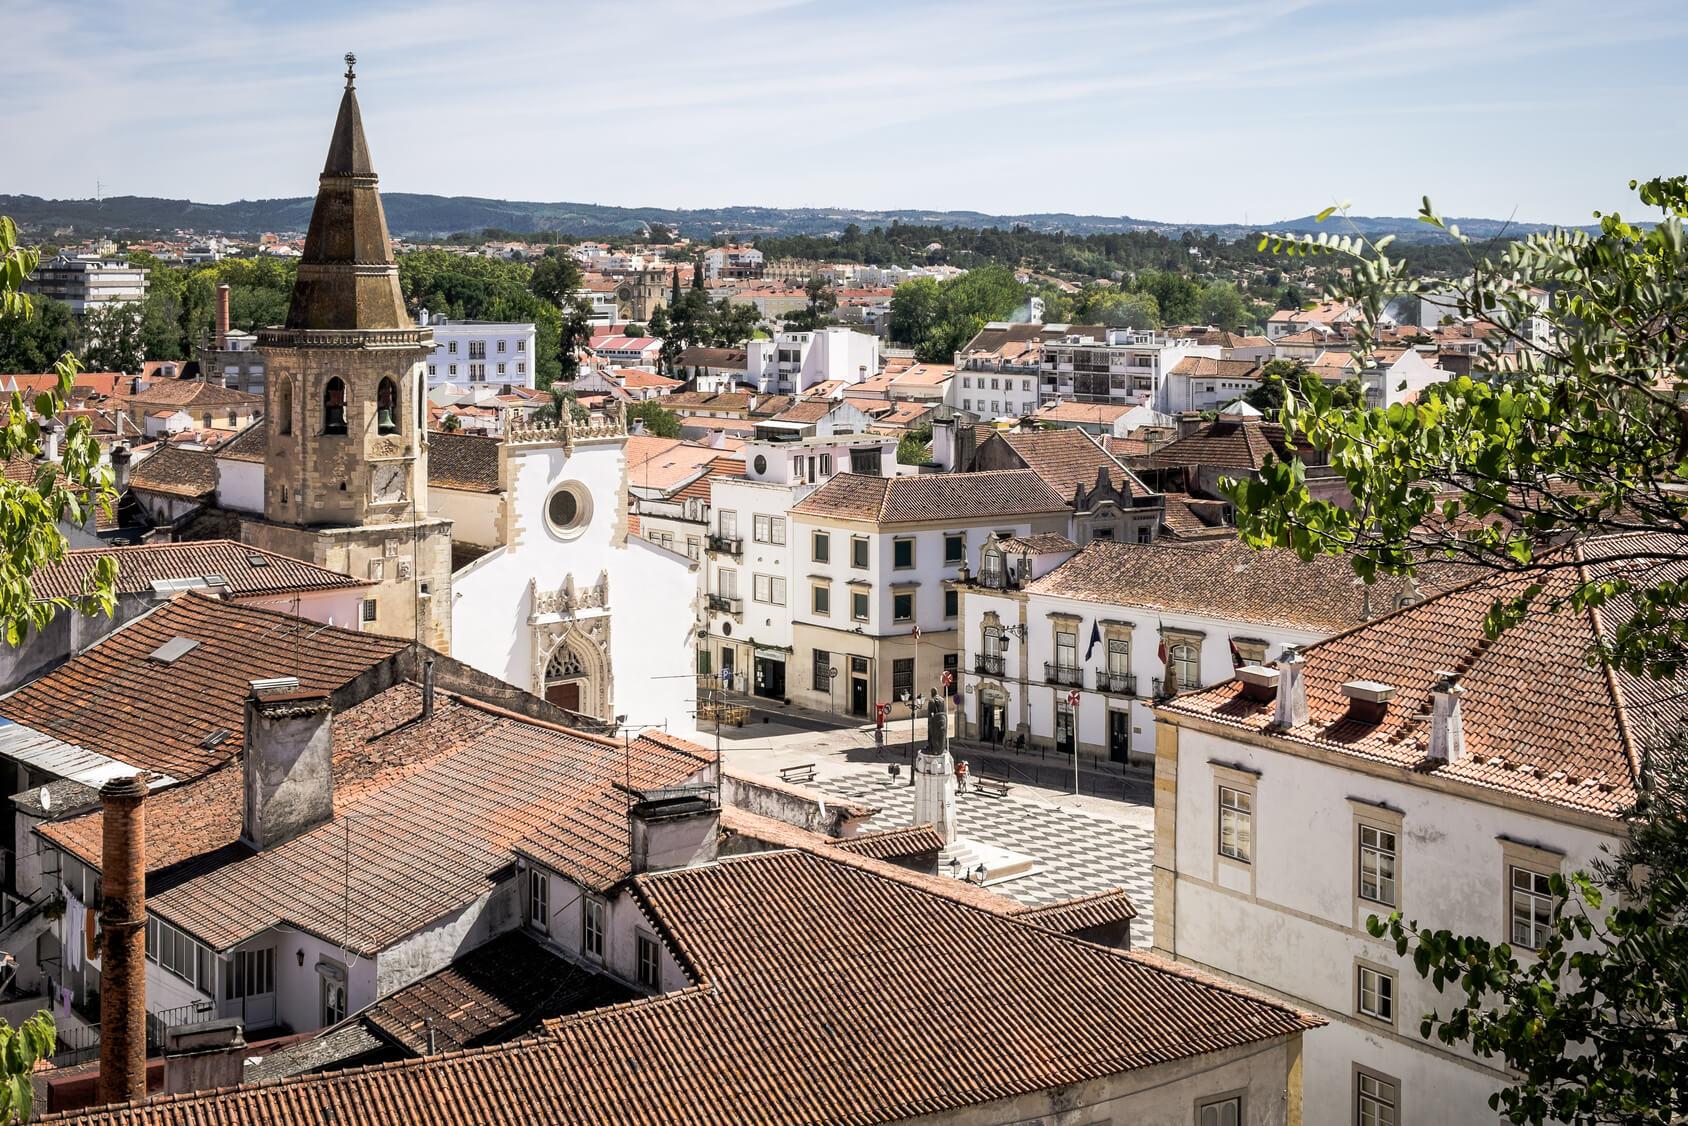 6 Days in Portugal Circuit: Batalha & Alentejo